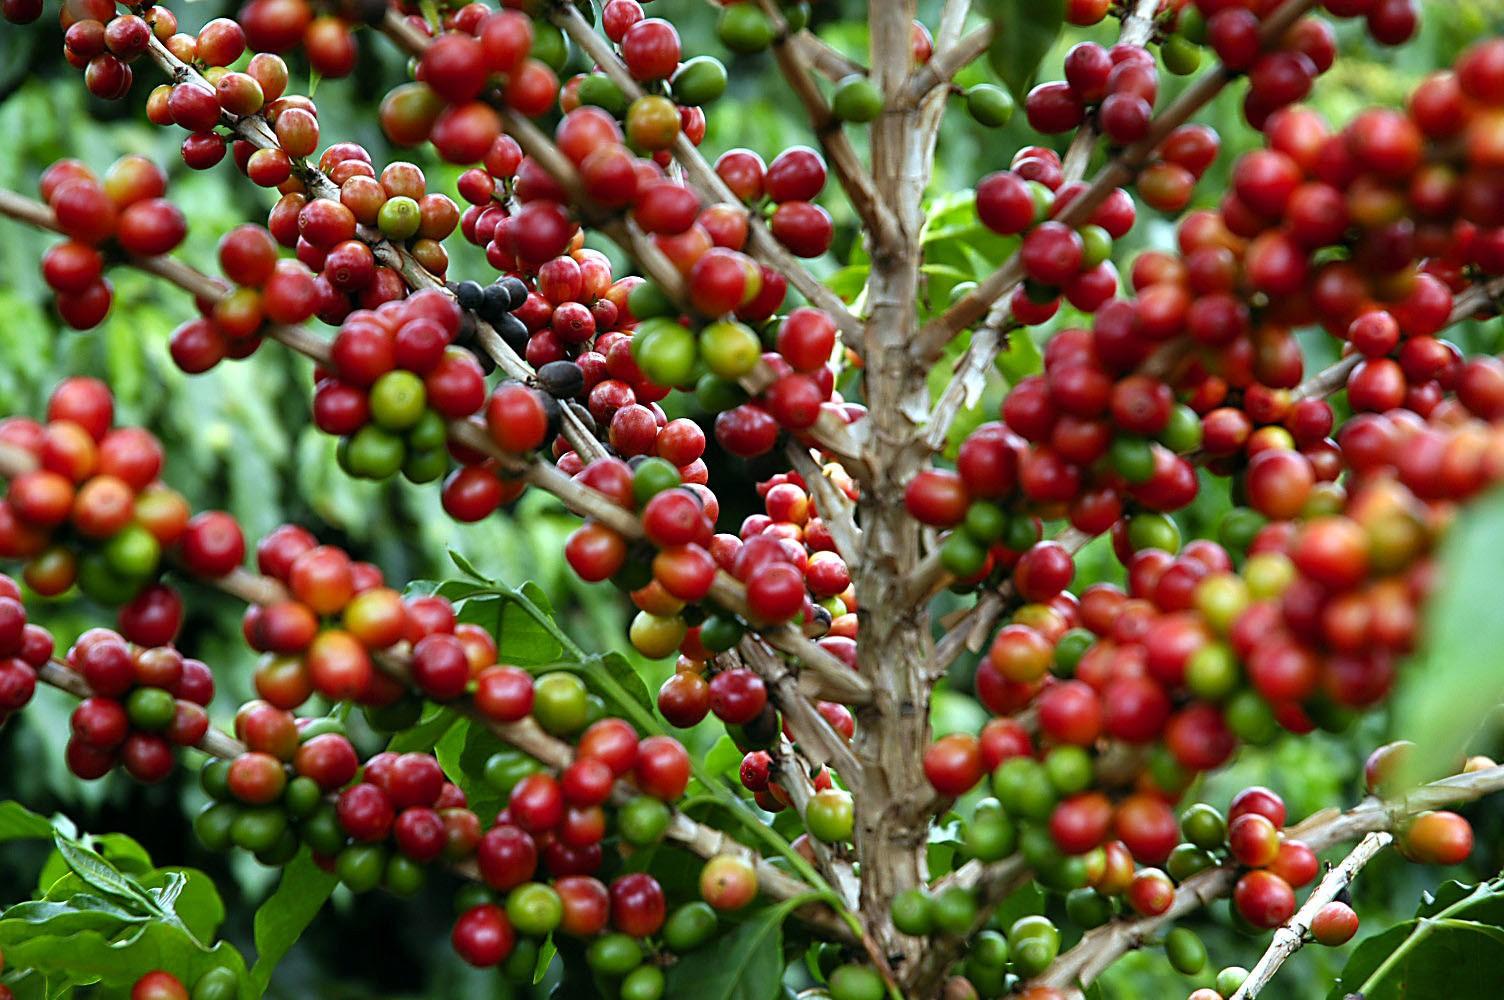 Safra de café do Brasil cresce 37% em 2018 e chega a recorde de mais de 61 milhões de sacas, diz Conab